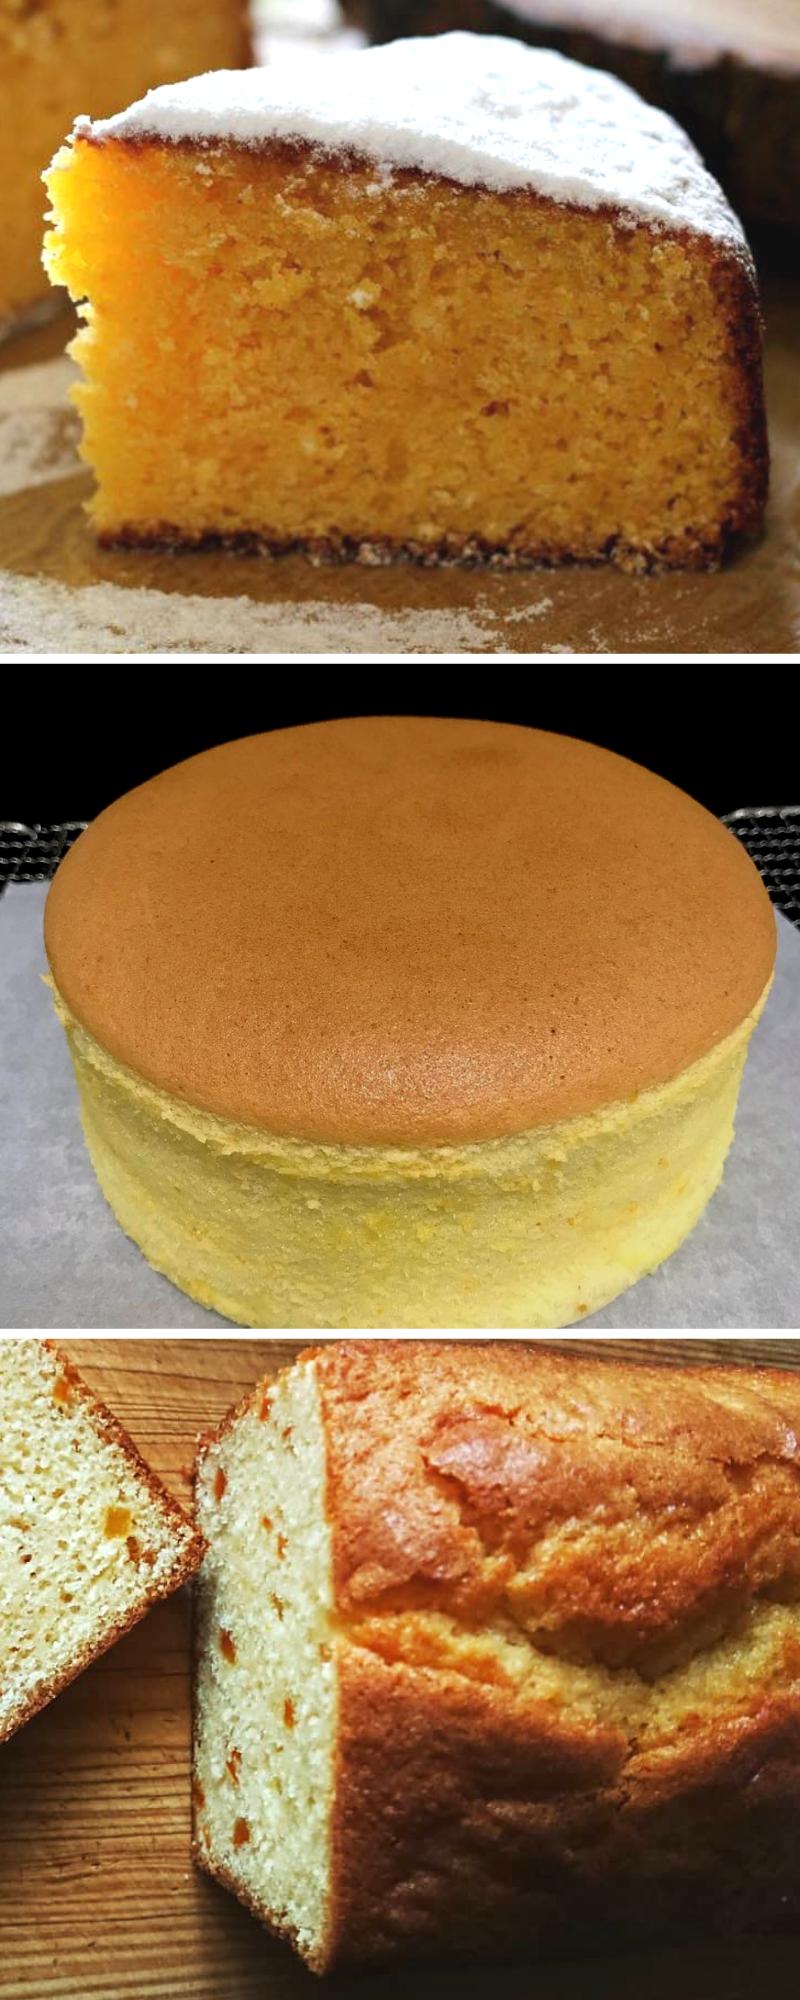 Guía Quierocakes De Bizcocho De Naranja Las Más Ricas Recetas Seleccionadas Especialmente Para Torta De Naranja Recetas Receta De Torta Pan De Naranja Recetas